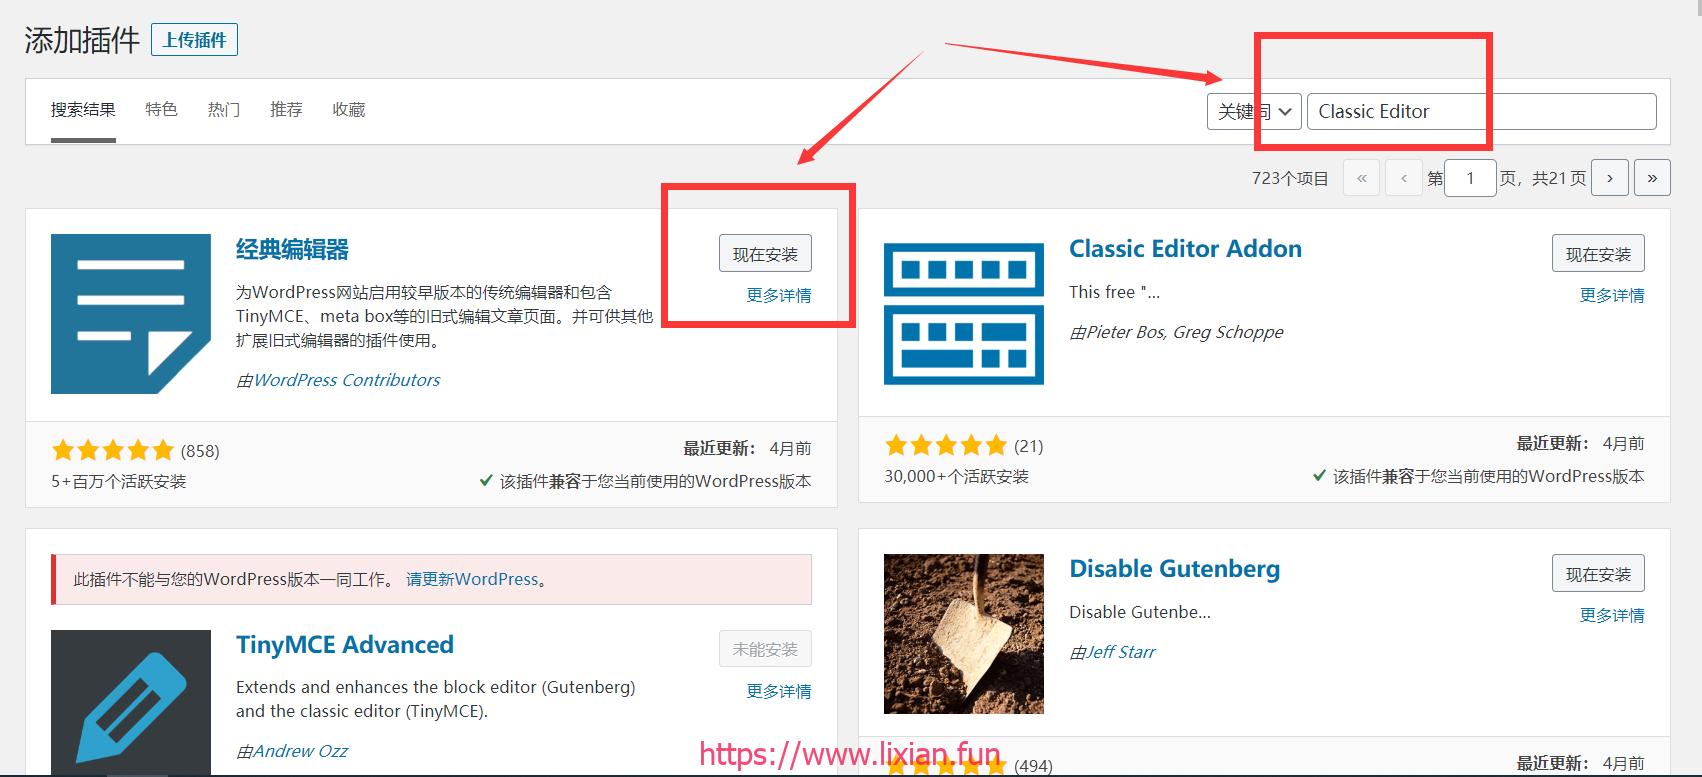 WordPress禁用新版编辑器古腾堡(Gutenberg)【显哥出品,必为精品】